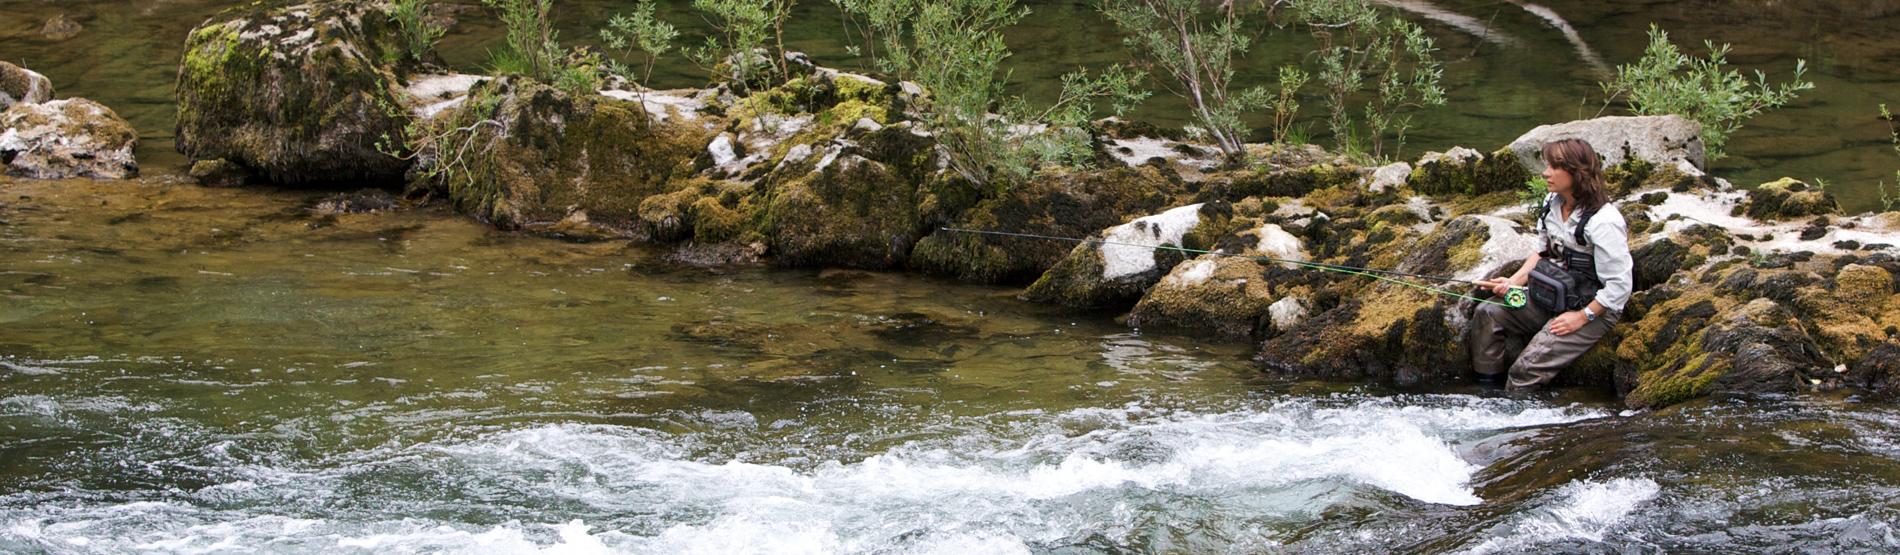 Pause beim Fliegenfischen in Slowenien